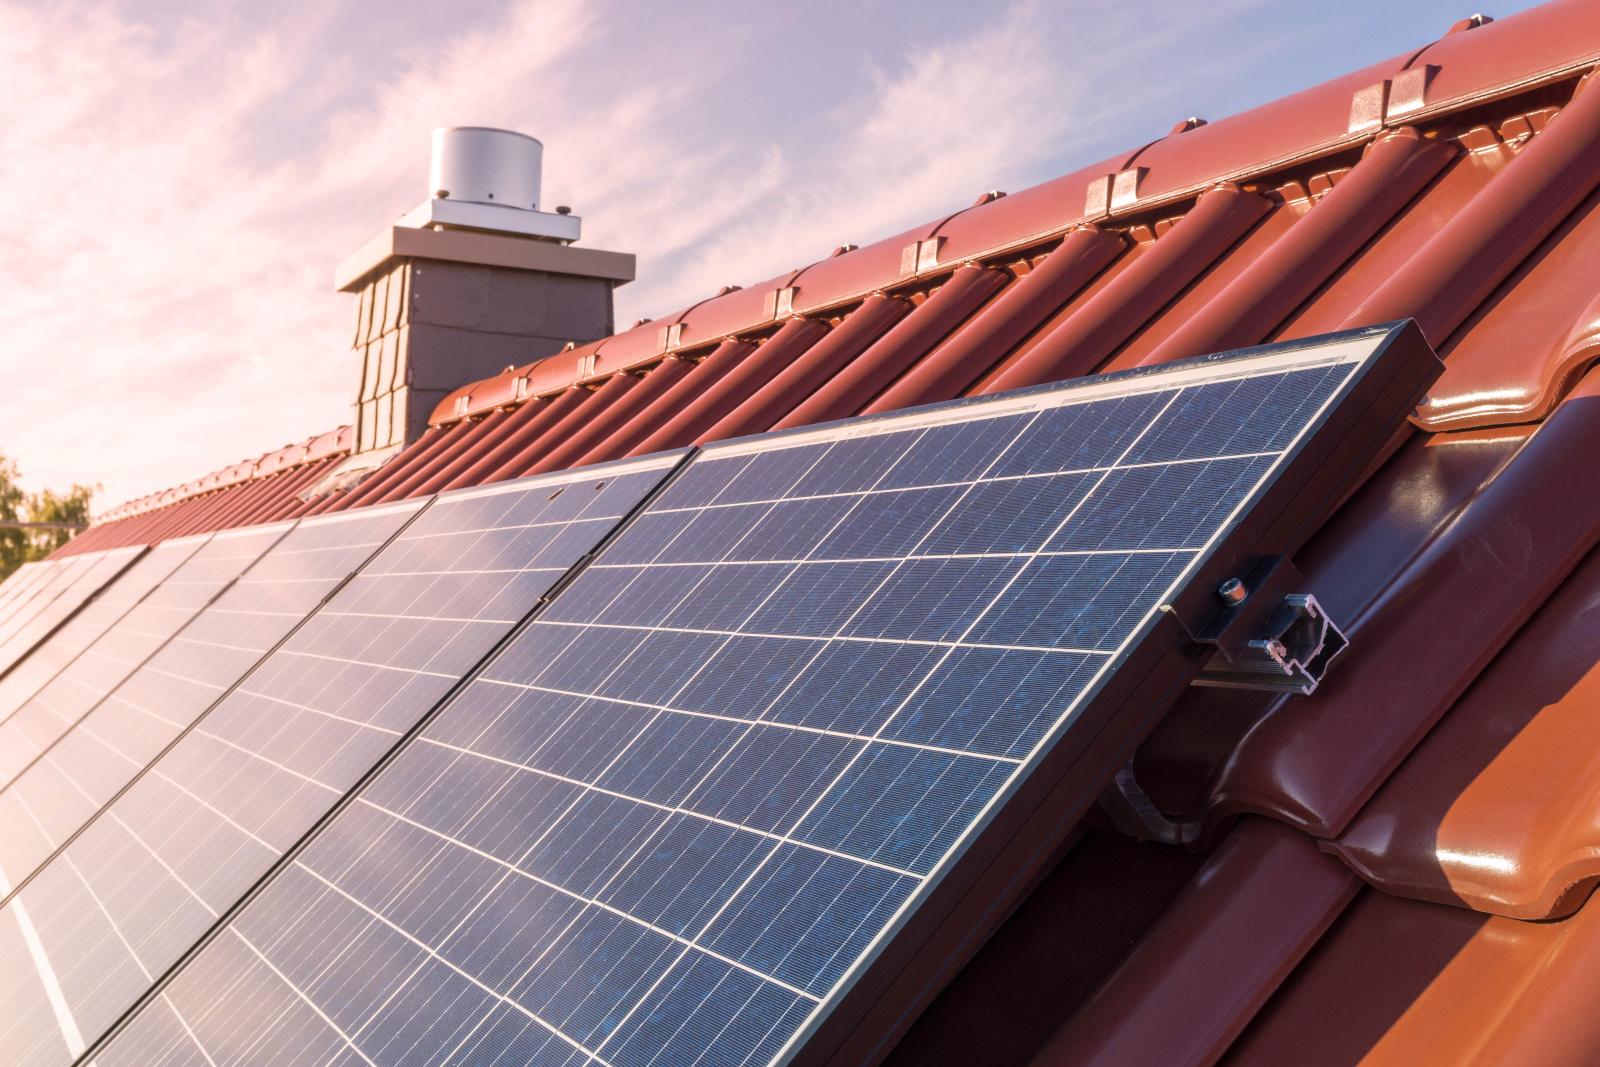 Våra solpaneler är kraftfulla på hela 430 Watt.